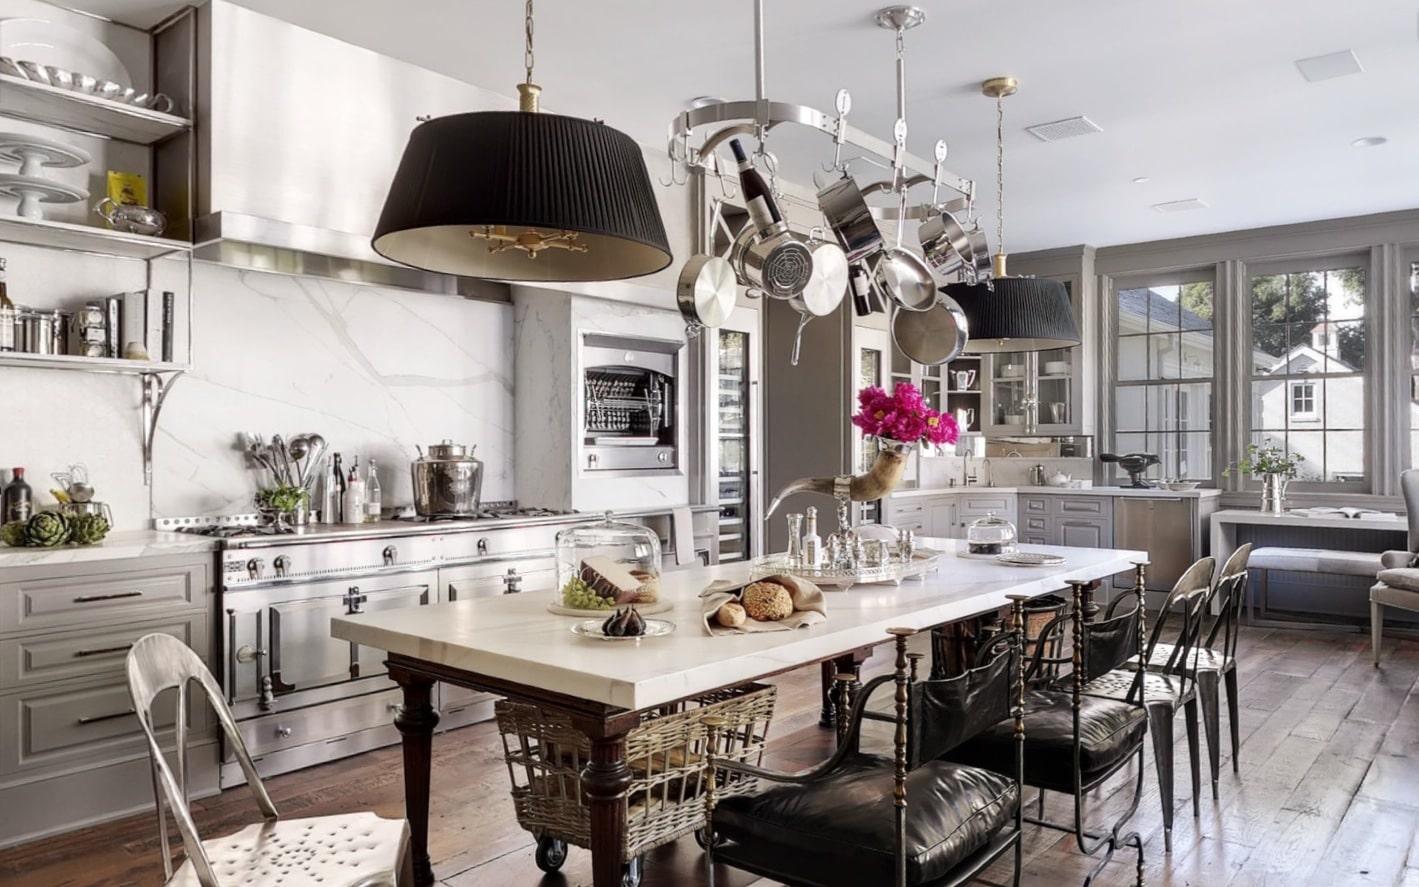 Ez a legújabb trend a konyhákban – Ismerd meg a francia bisztró stílust!